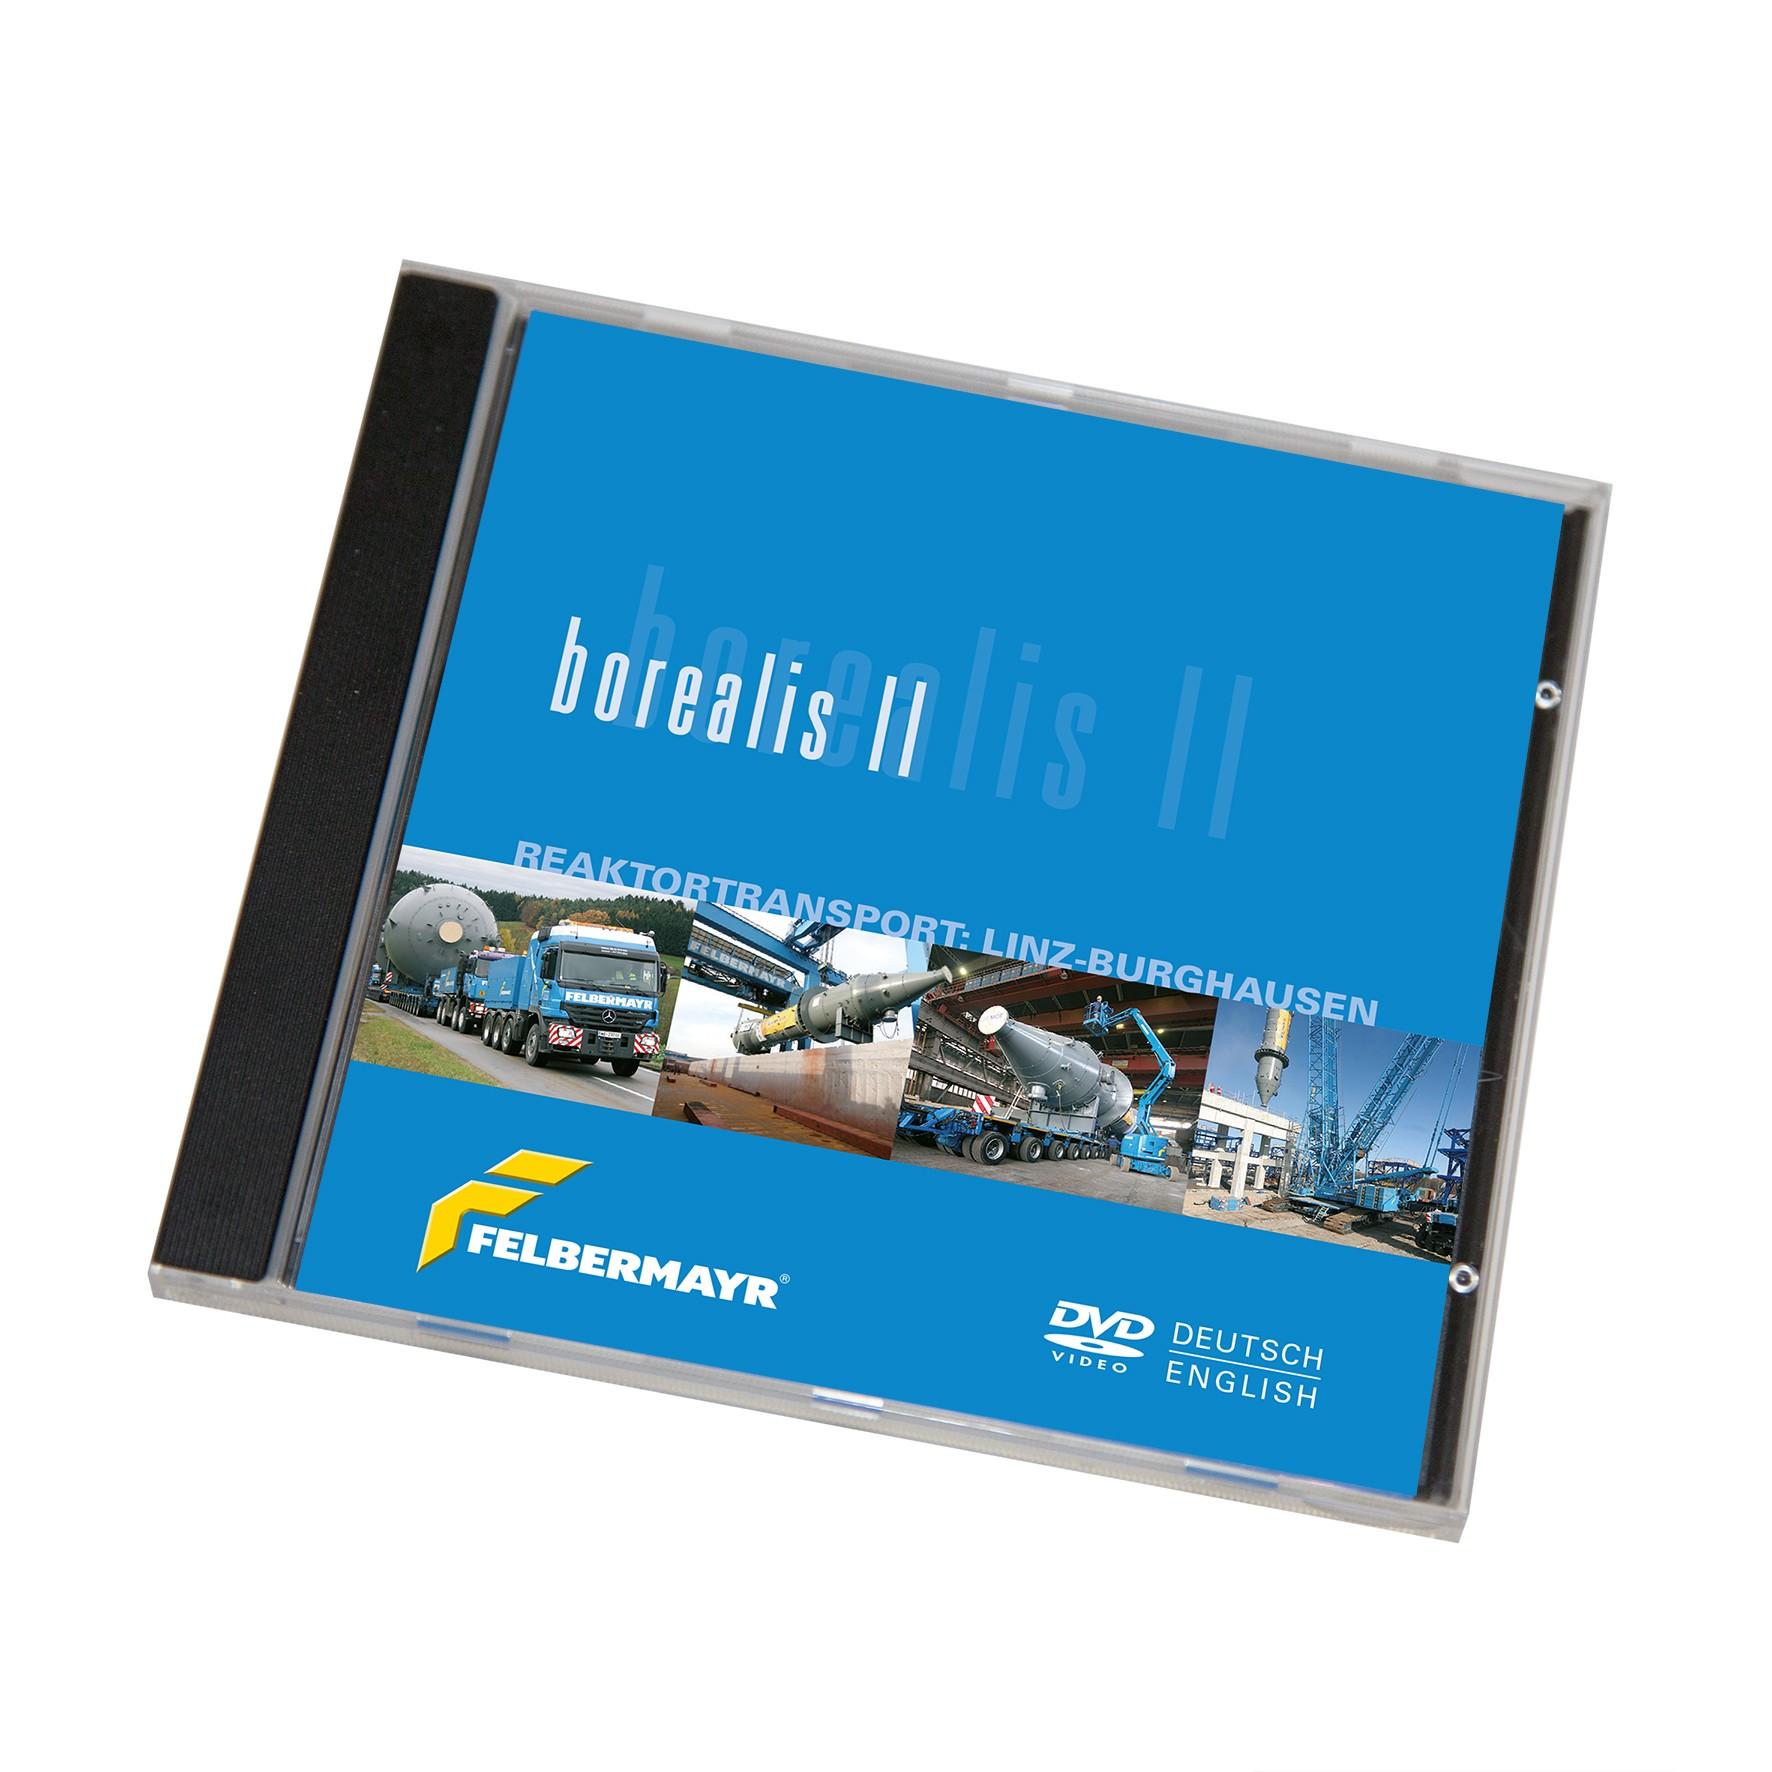 """DVD """"Borealis II - Reaktortransport: Linz-Burghausen"""""""